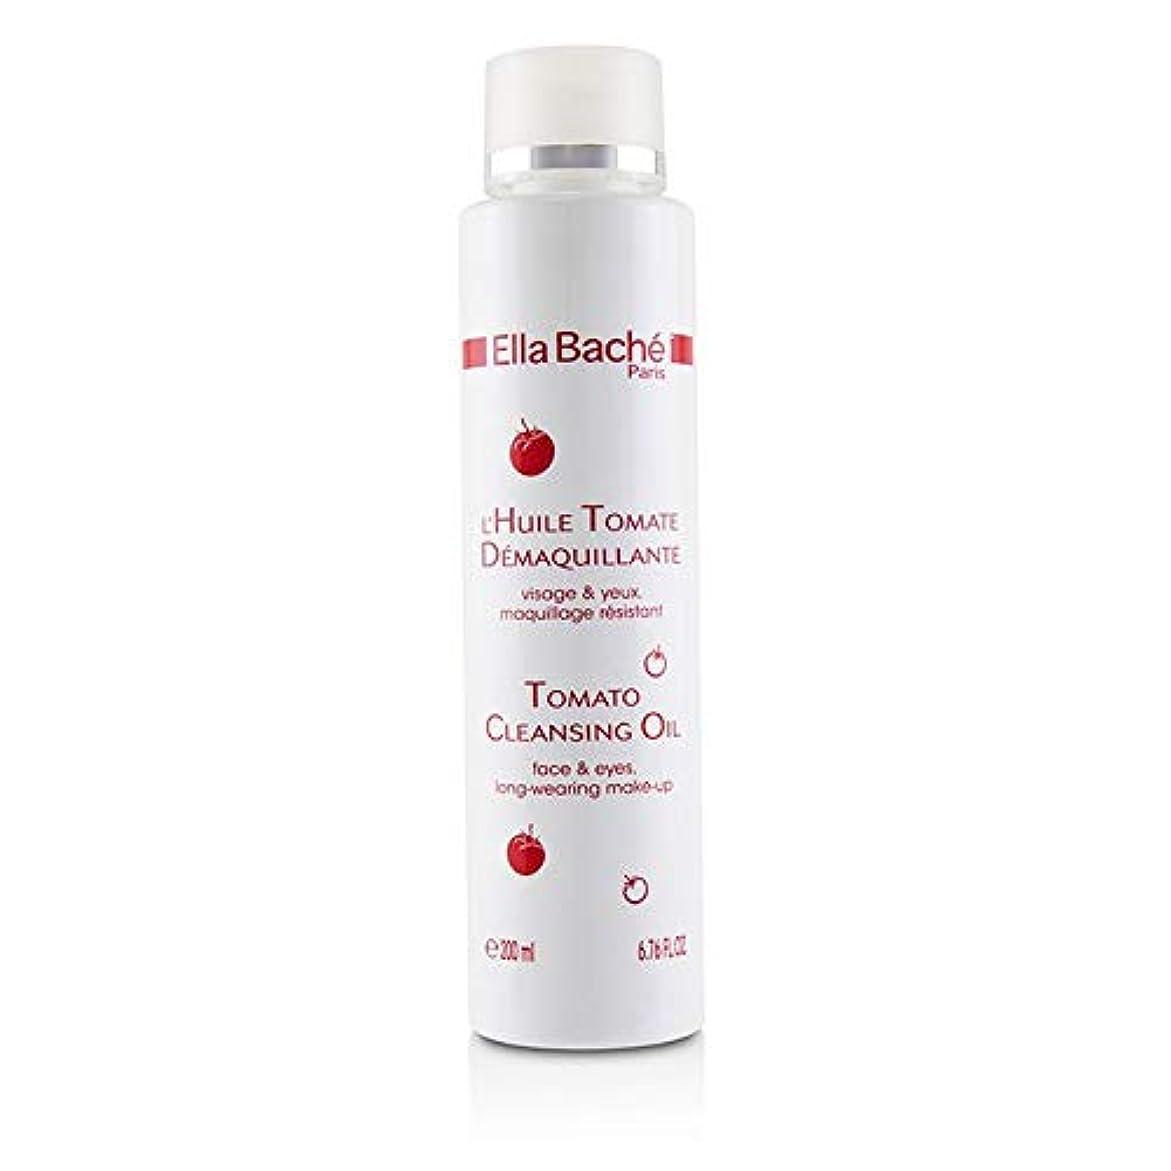 エラバシェ Tomato Cleansing Oil for Face & Eyes, Long-Wearing Make-Up 200ml/6.76oz並行輸入品